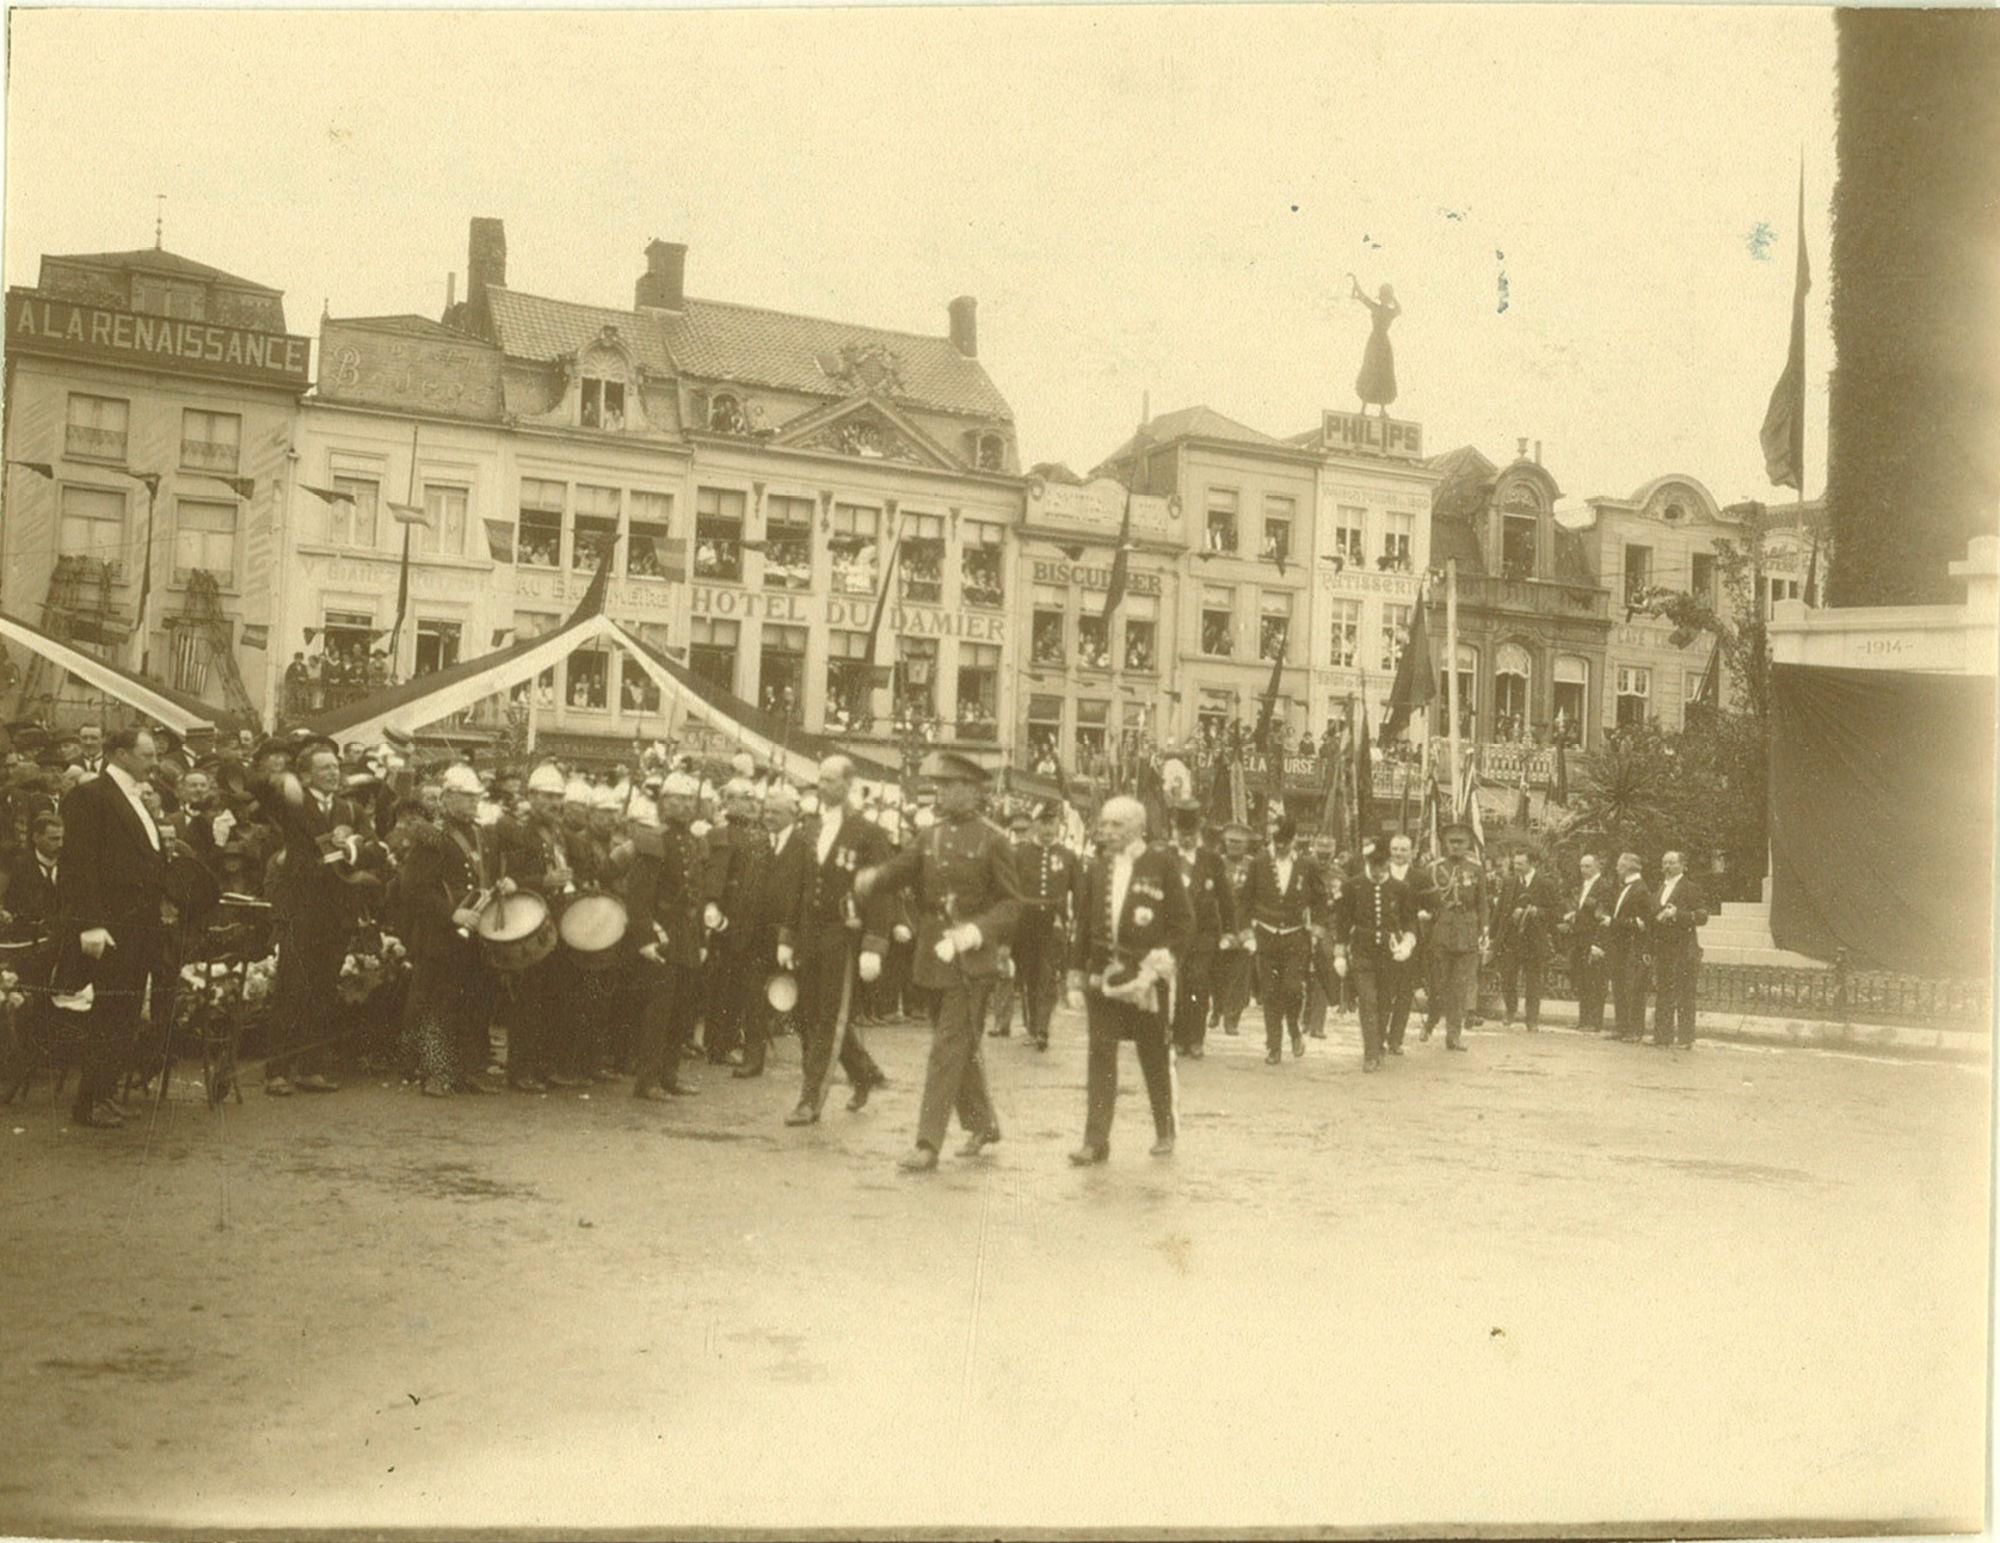 Inwijding van het oorlogsmonument 1914-1918, 15 juli 1923